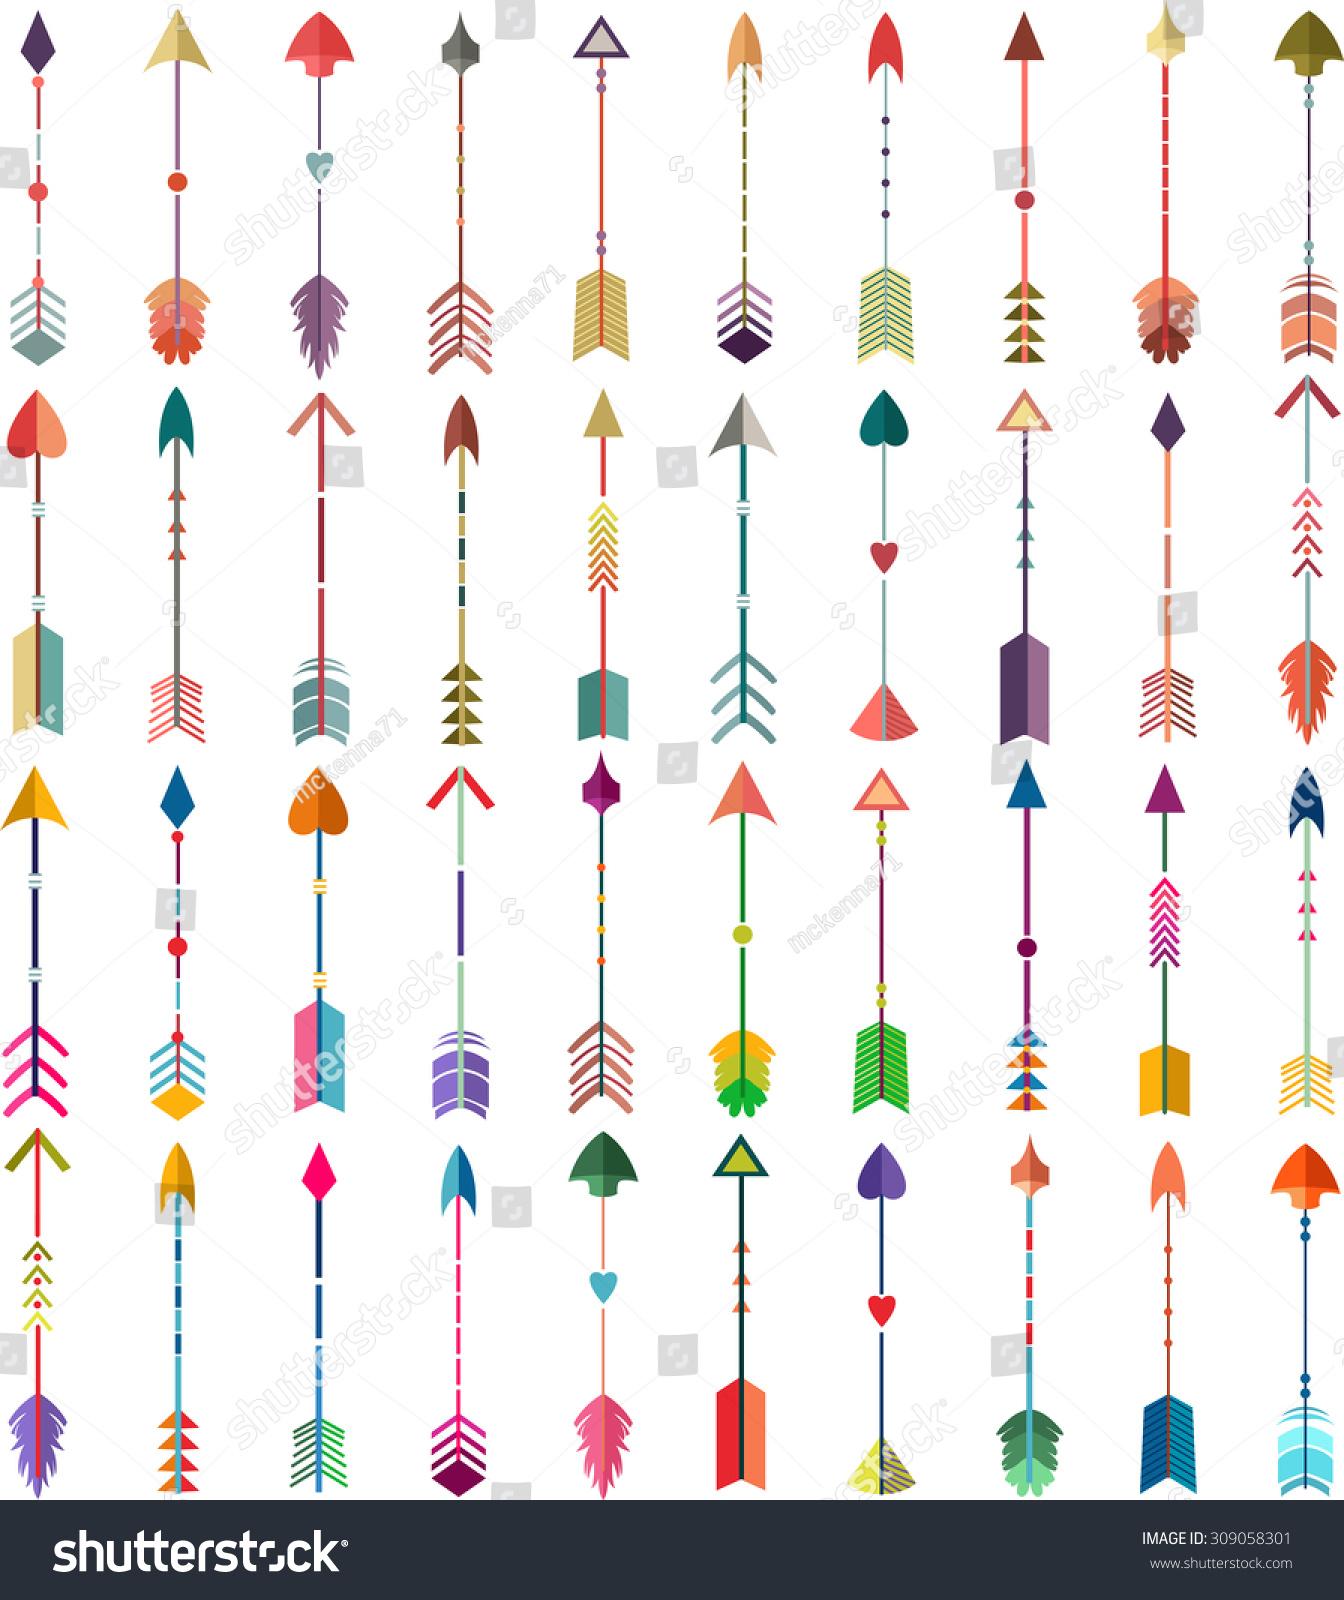 Arrows Vector Set Of 40 Colorful/Vintage Tribal Arrows ...